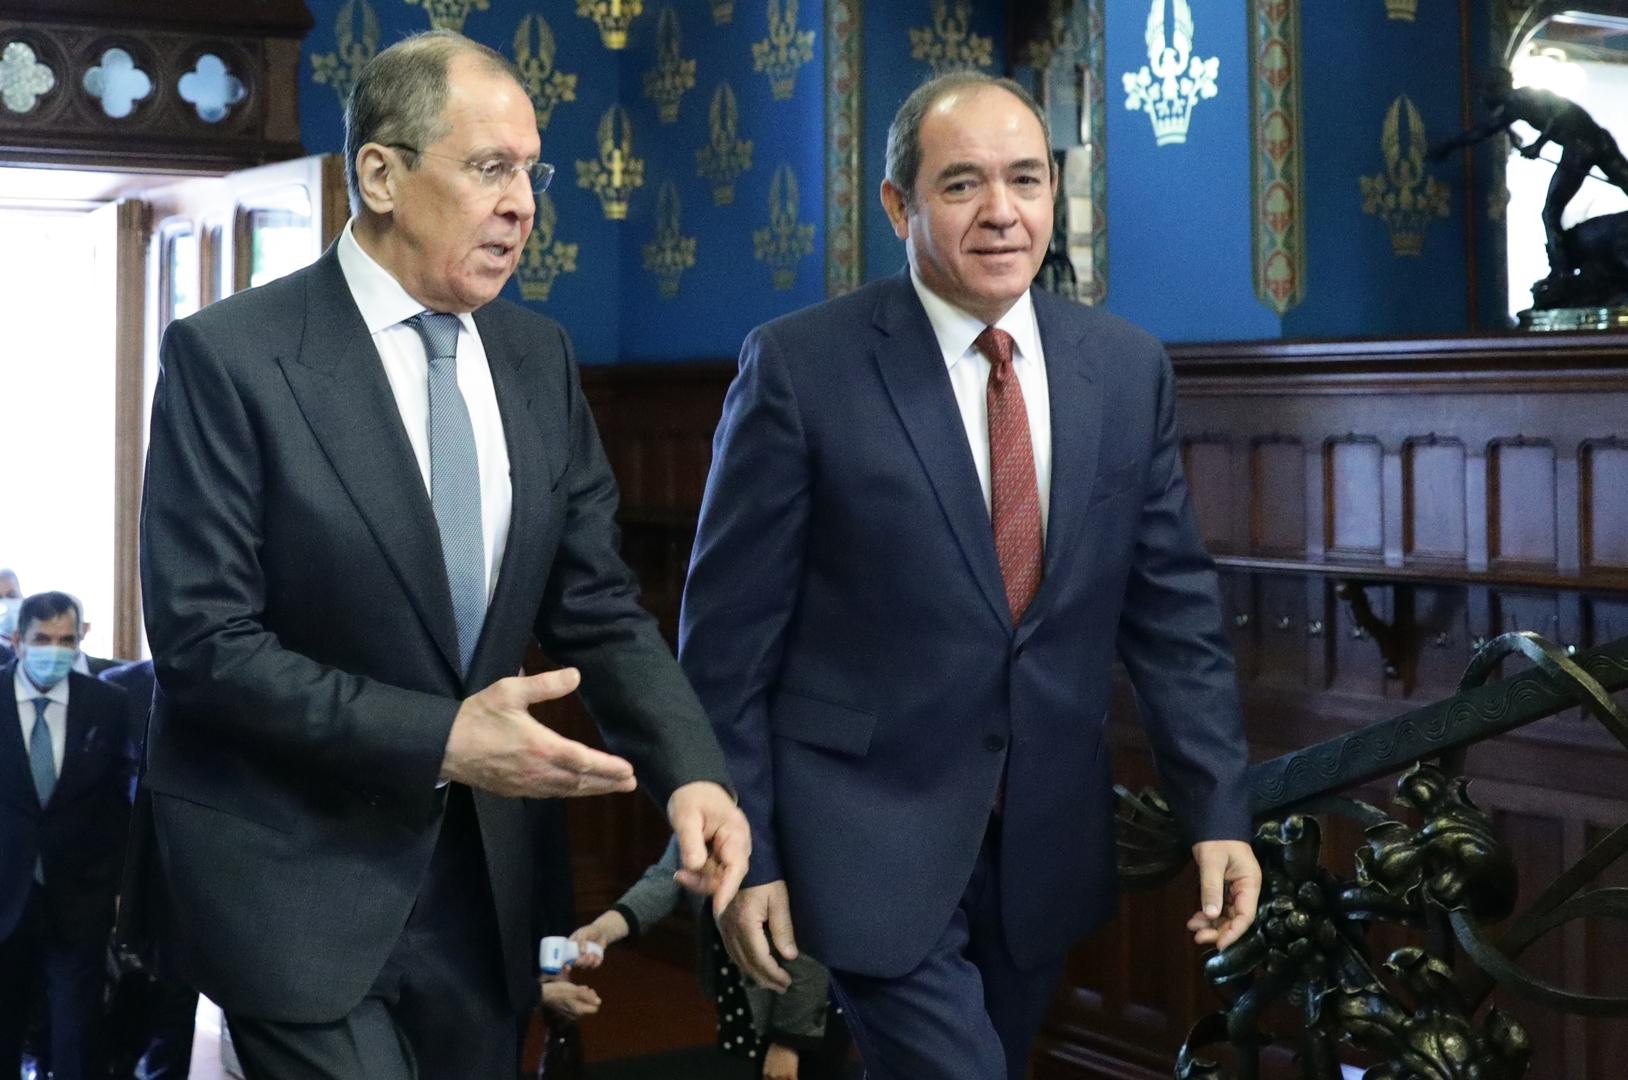 لافروف وبوقادوم: لا بديل عن حل سياسي في ليبيا على أساس مخرجات برلين